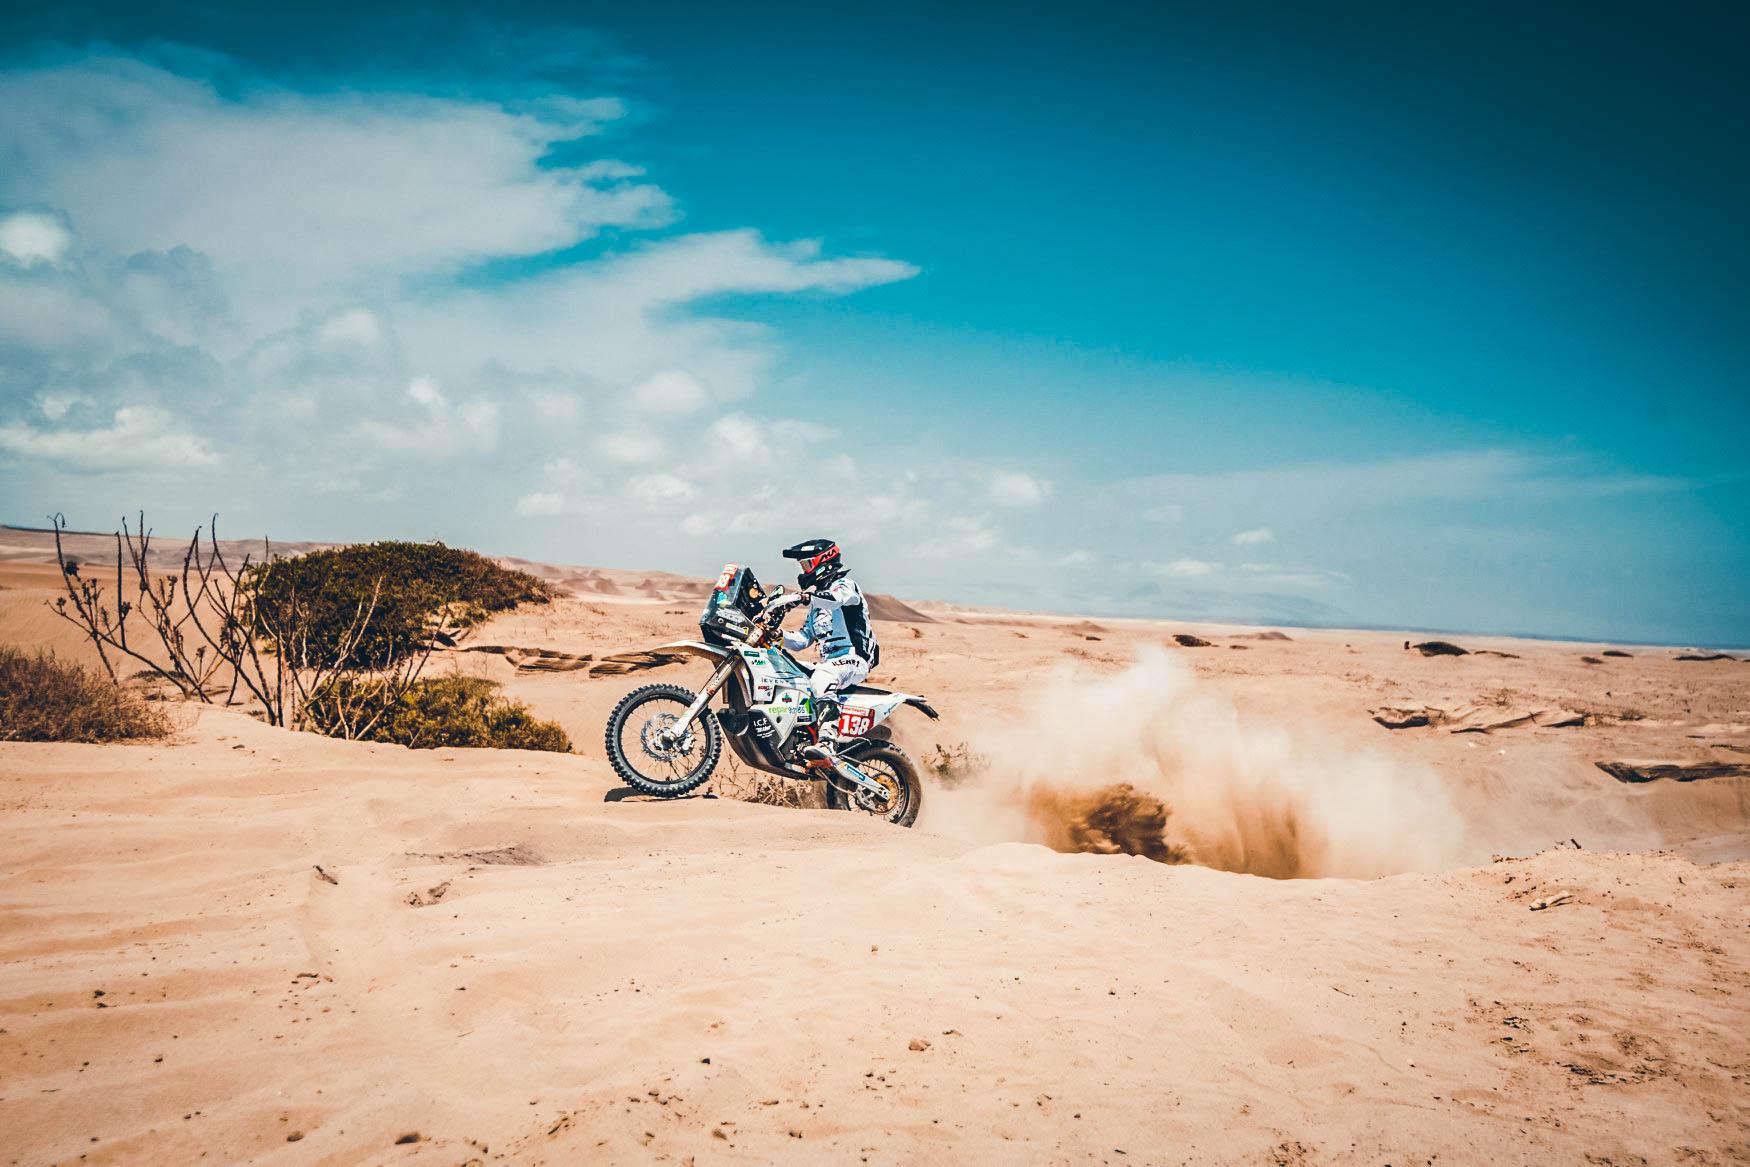 News - iEvent - Dakar - 3